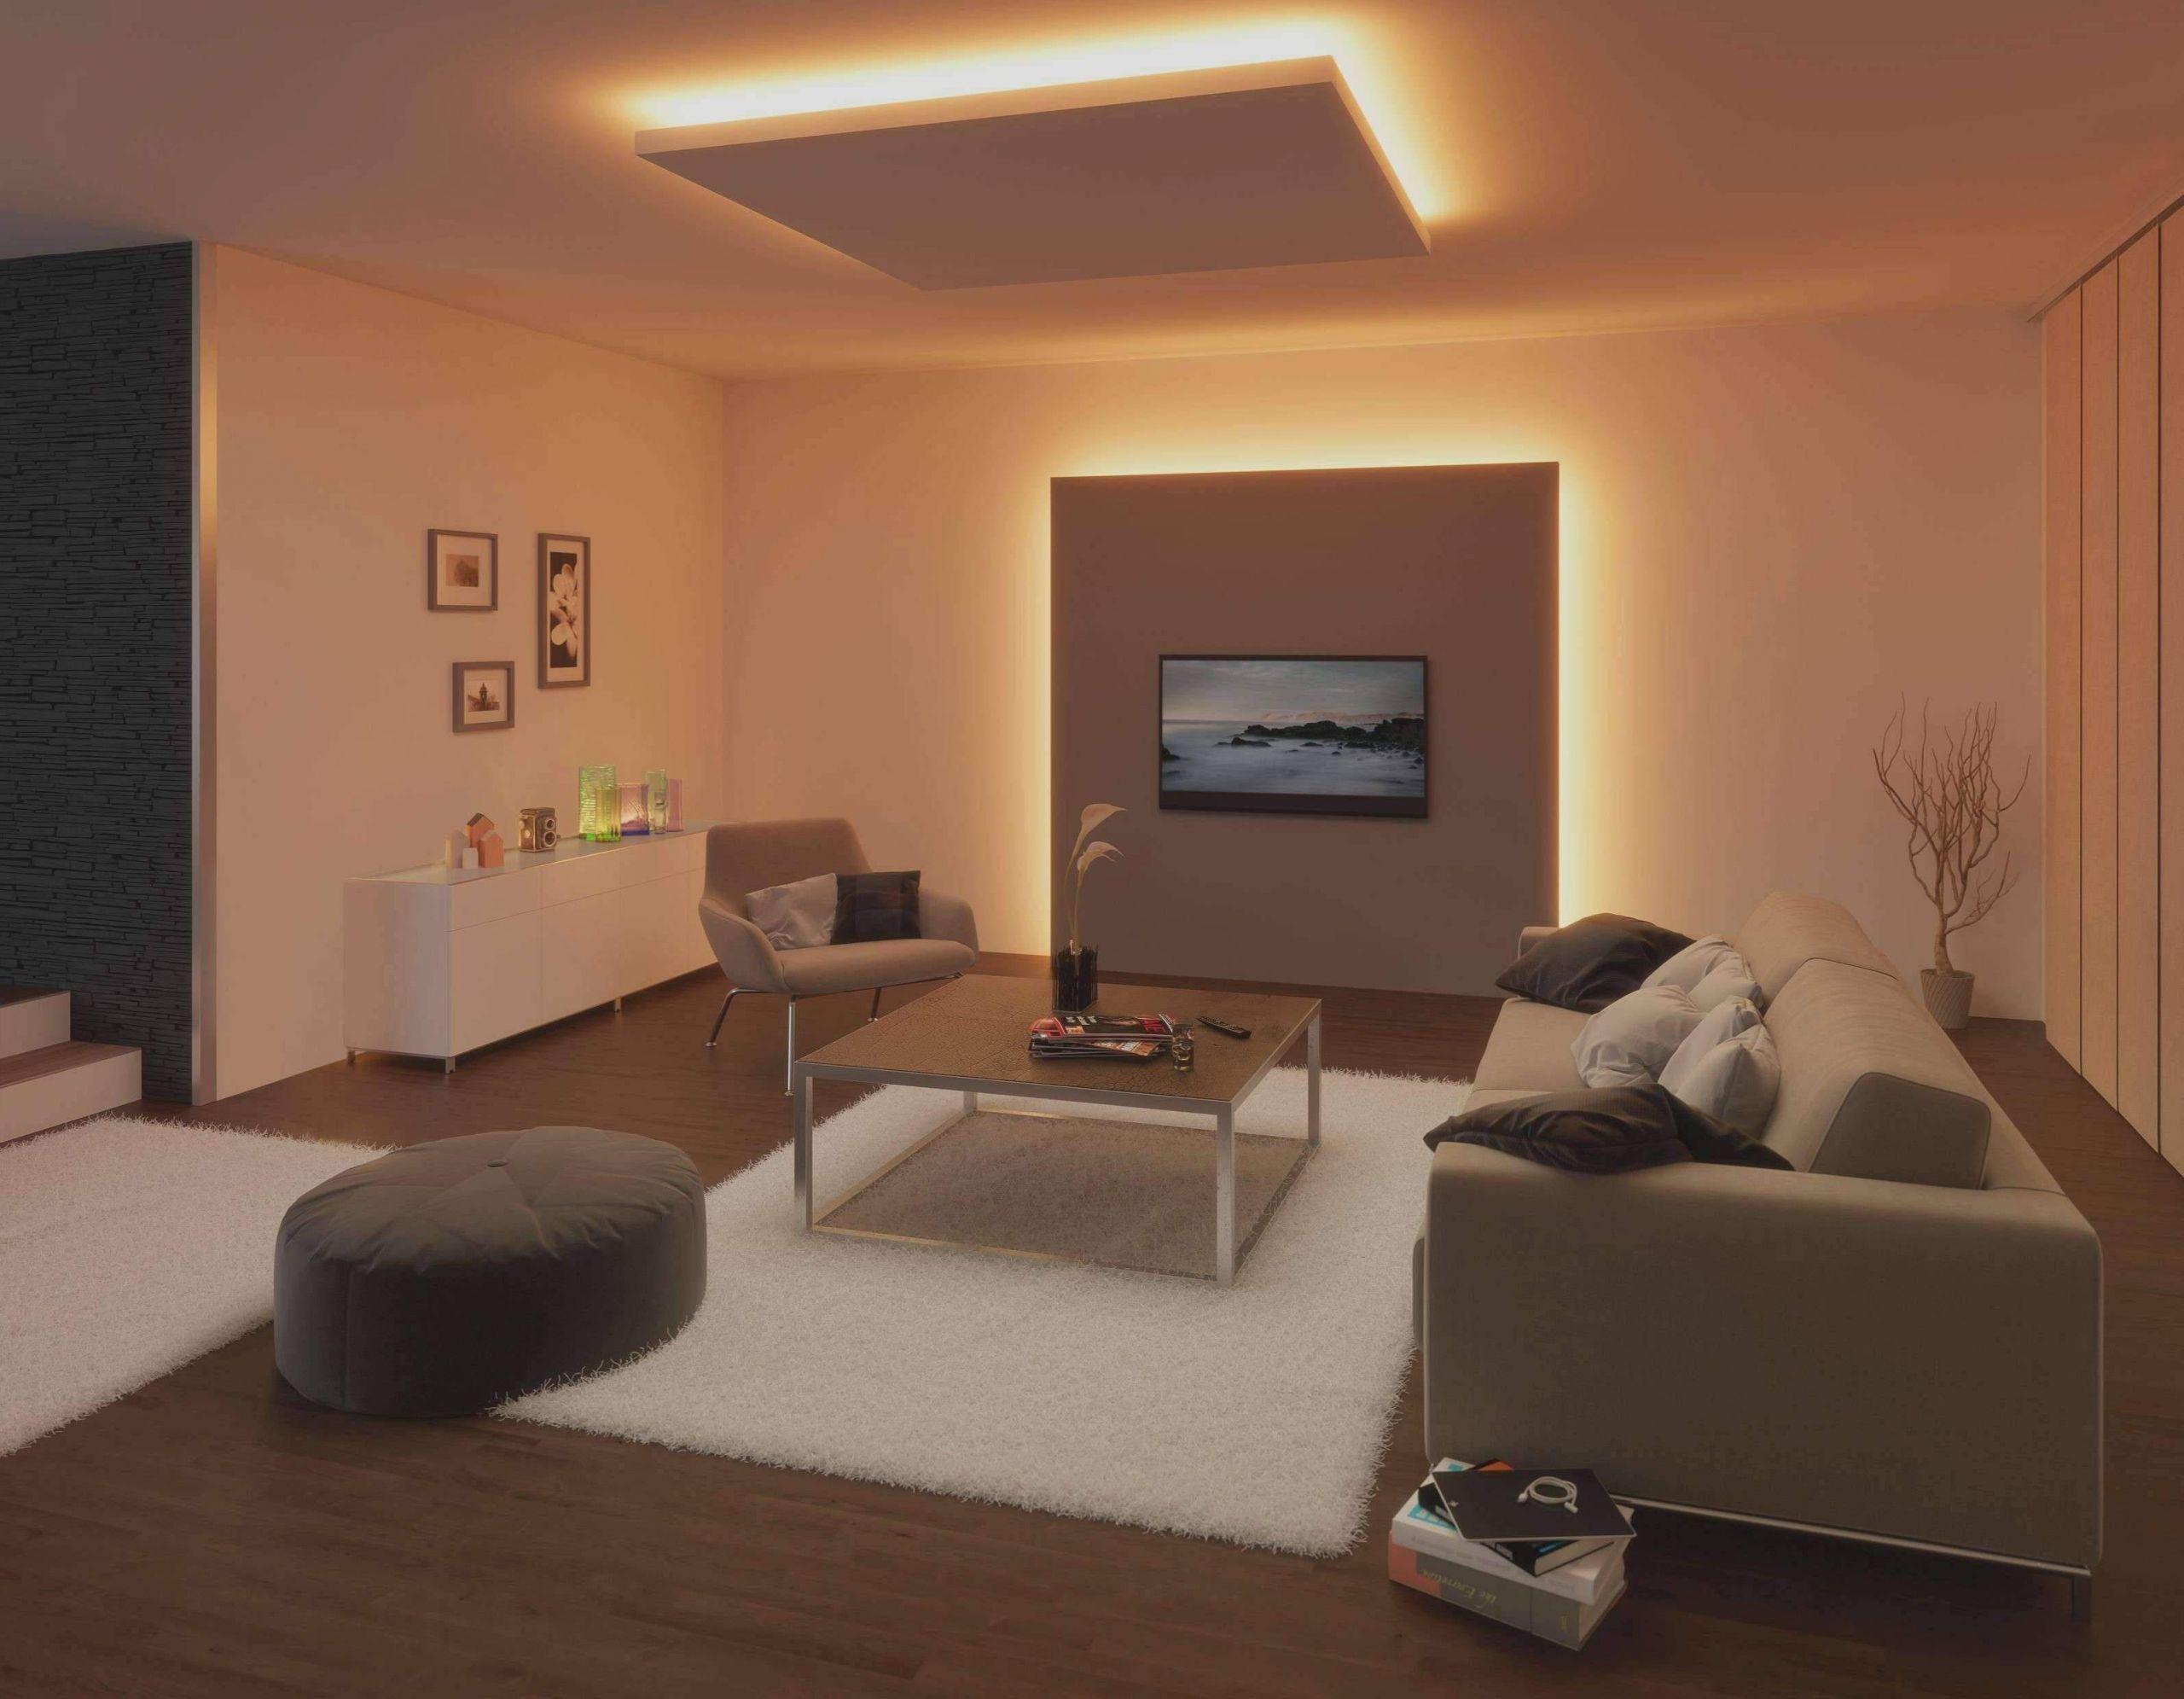 wasserwand wohnzimmer luxus wohnzimmer retro genial einzigartig wohnzimmer lampe holz of wasserwand wohnzimmer